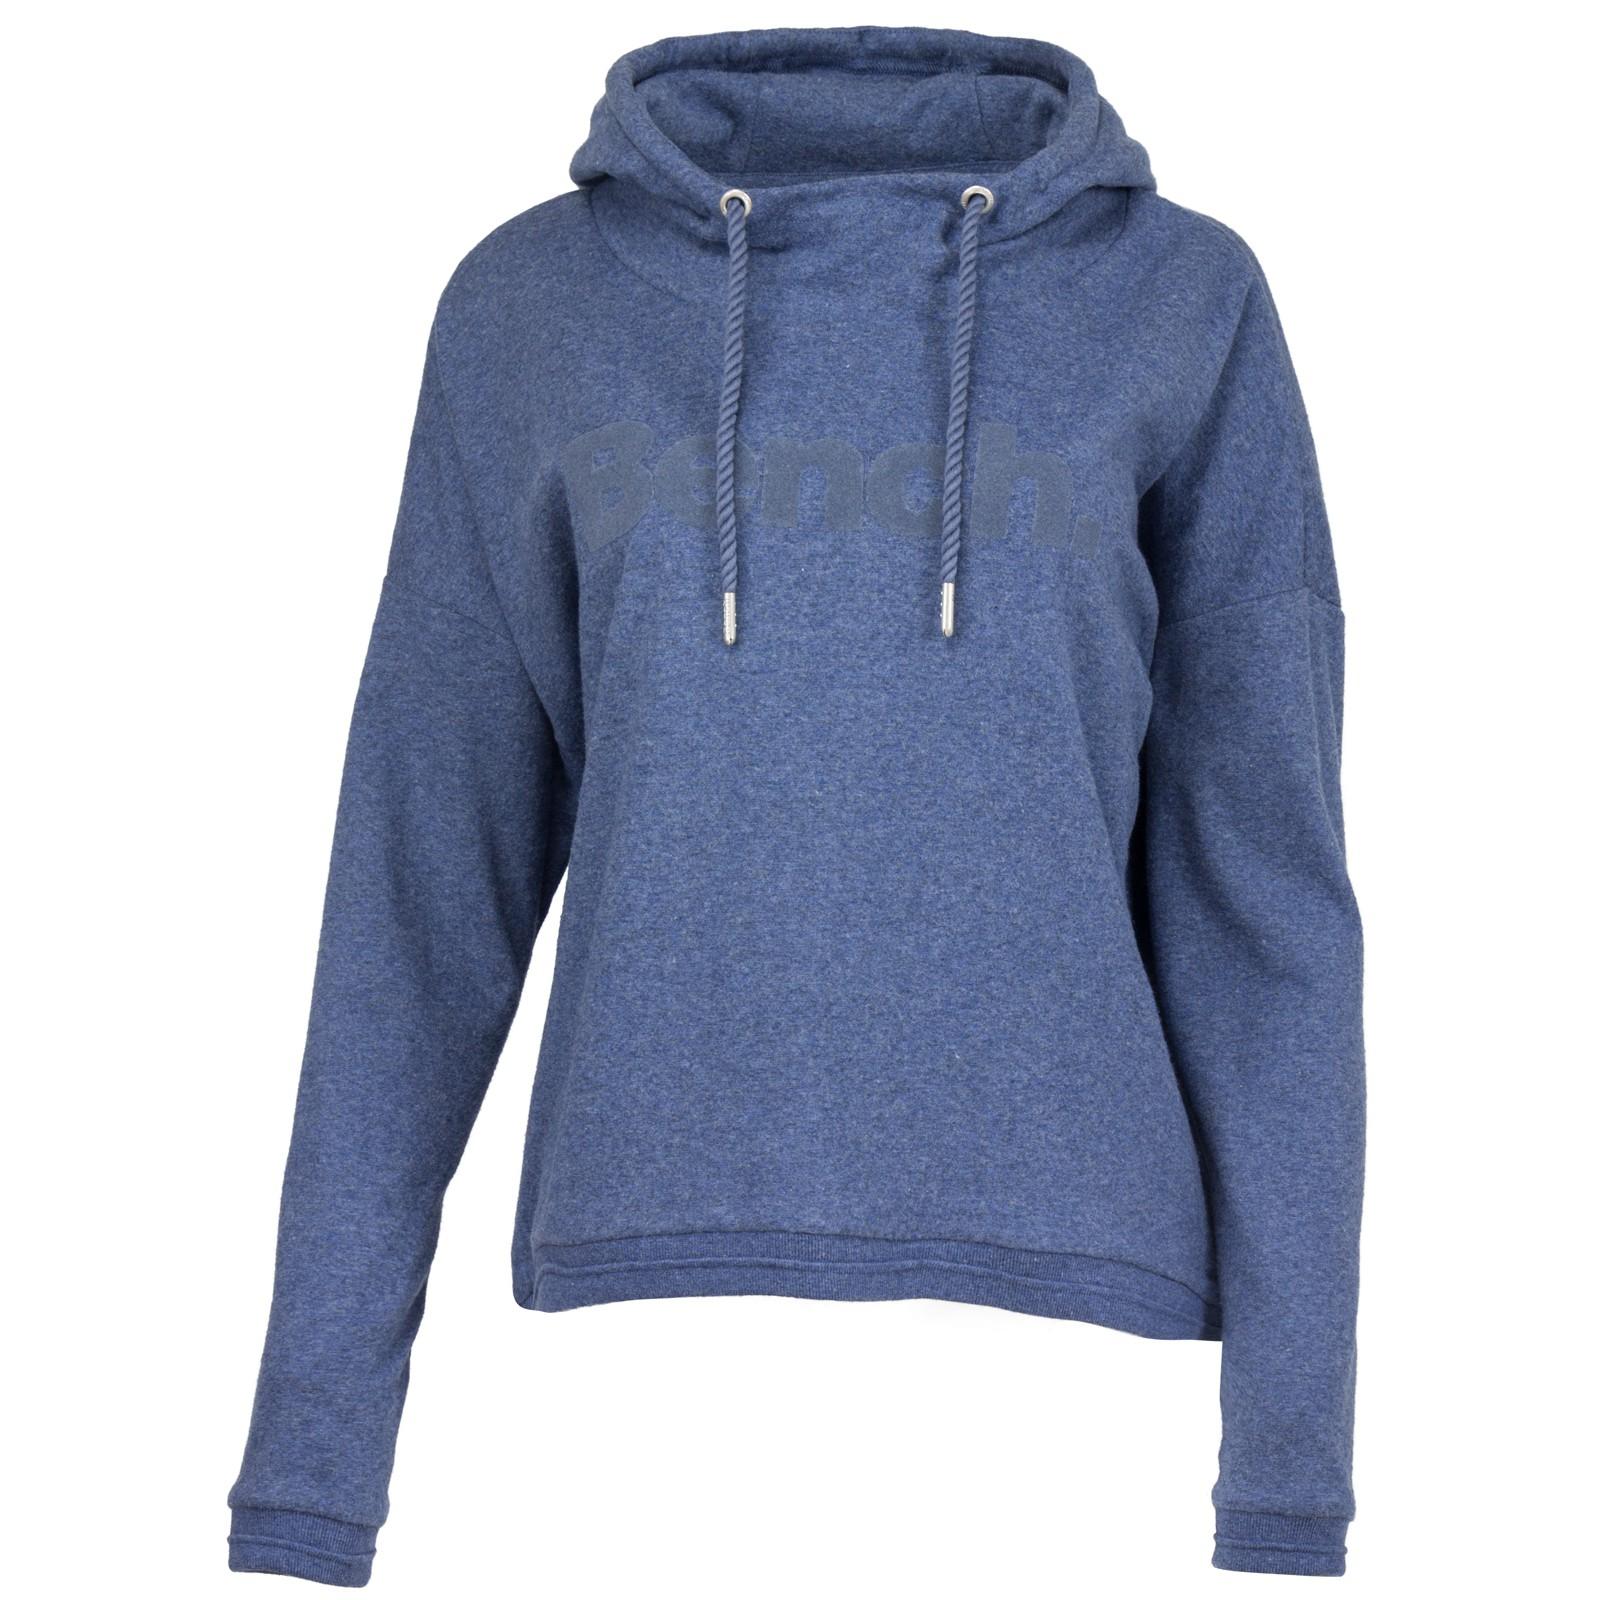 Bench. Damen Sweatshirt Sweater mit Kapuze Hoody Label Flock